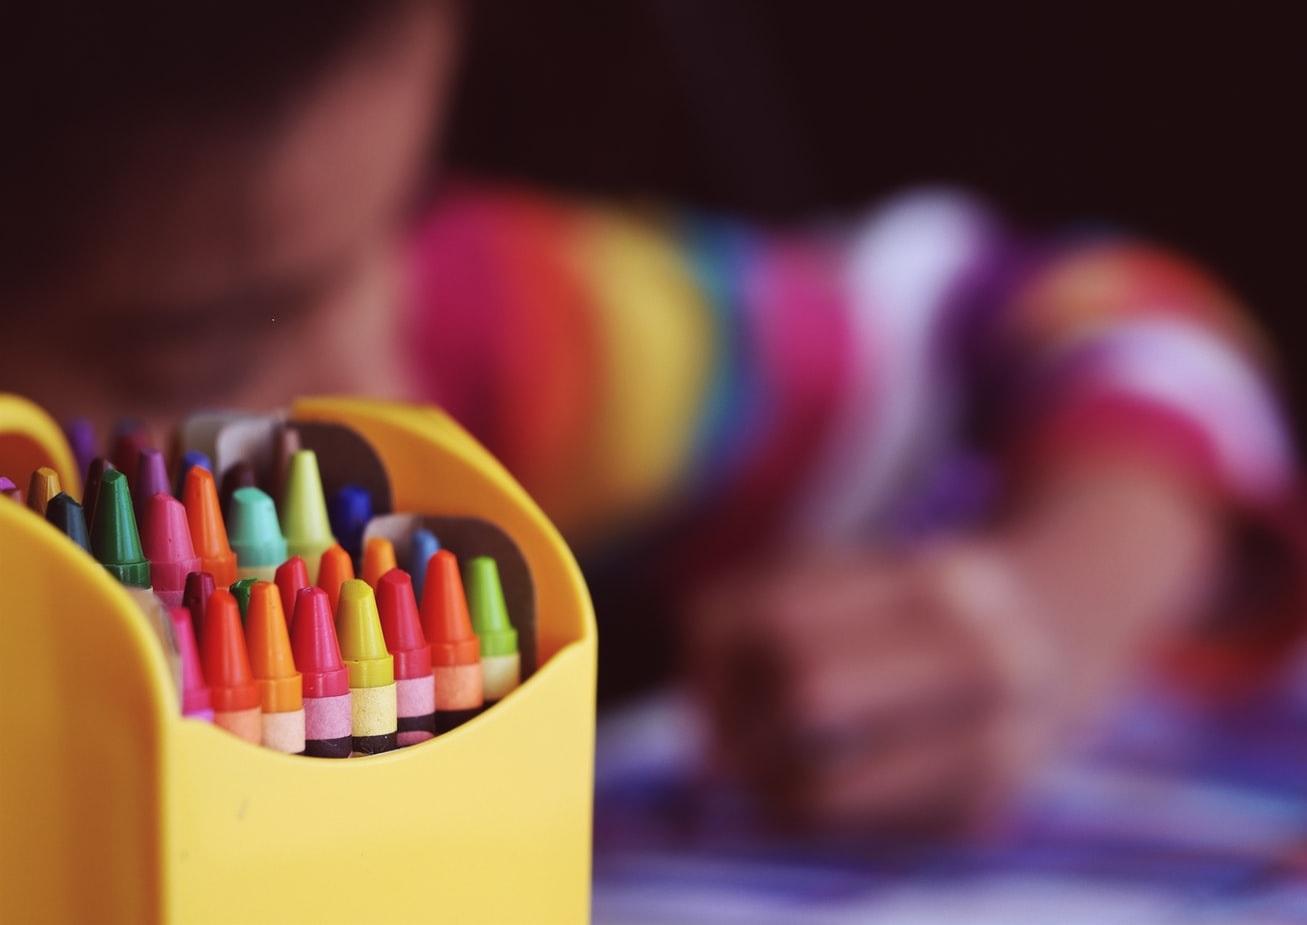 Case studies: Three ways to support children's mental health